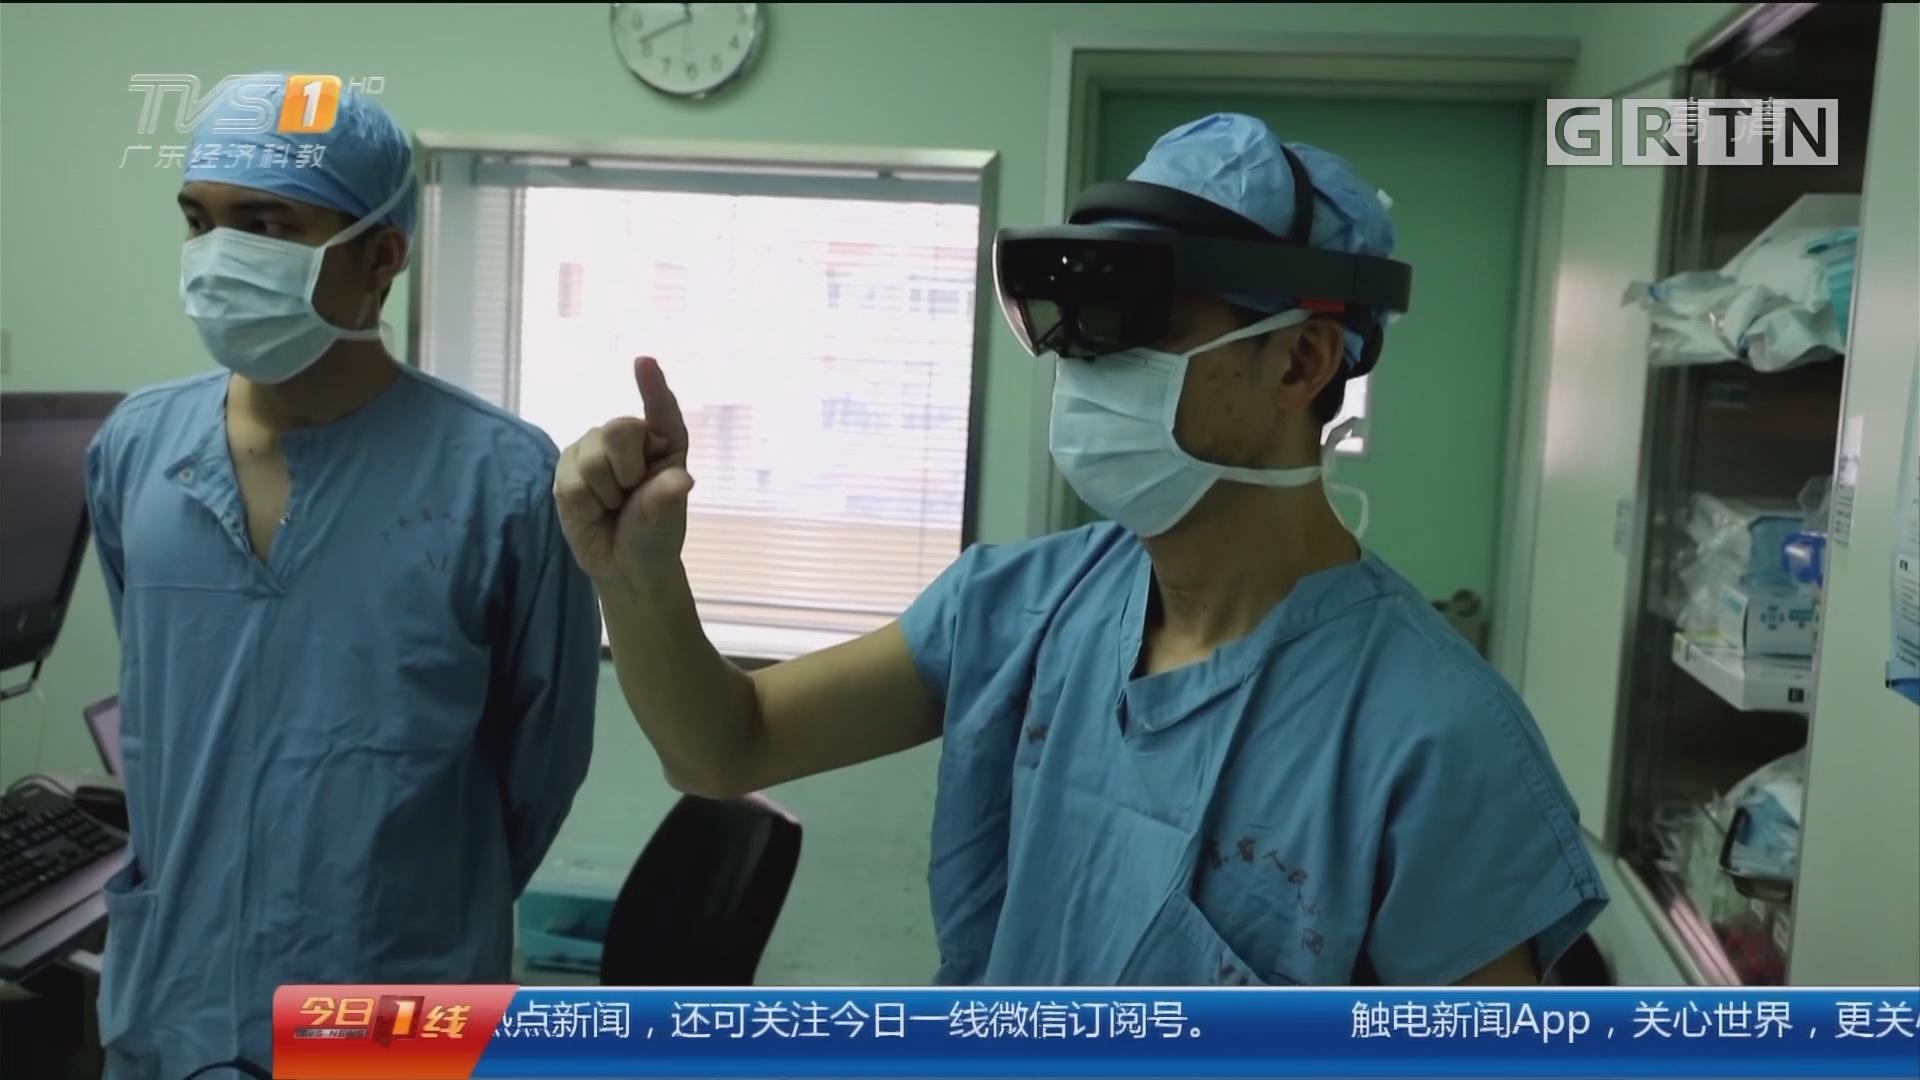 广州:混合现实技术辅助手术 全球首例